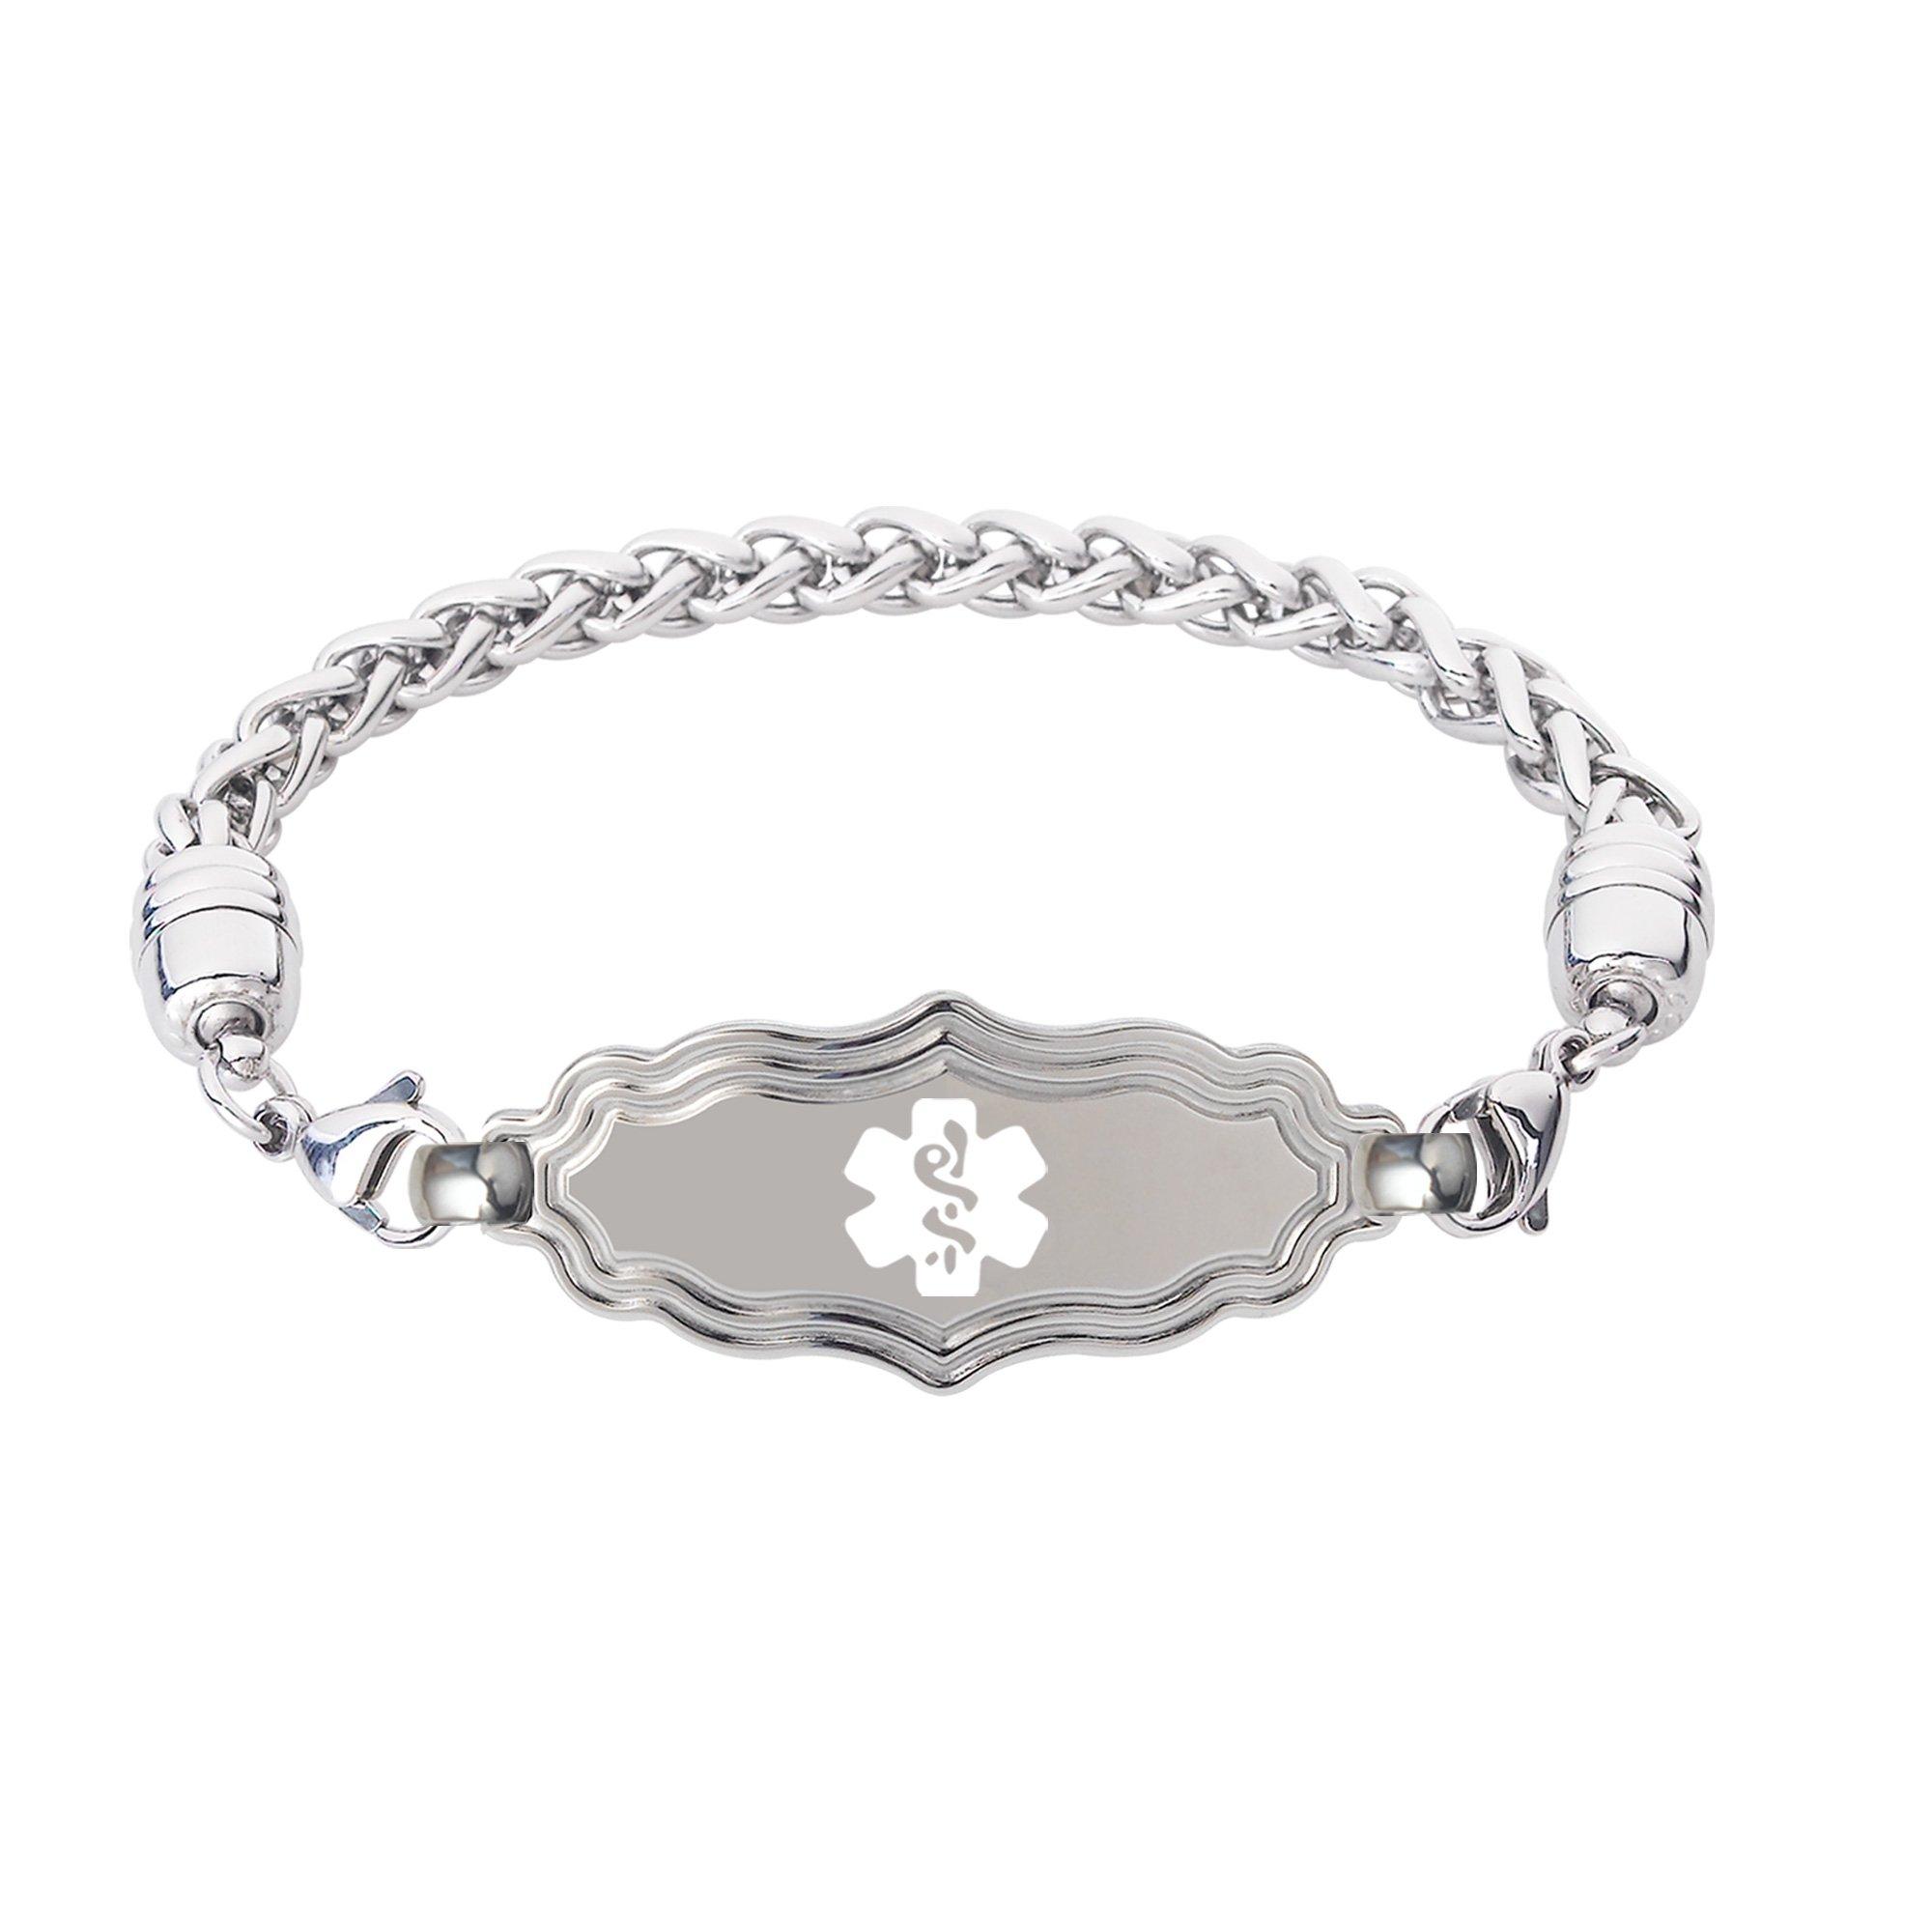 Divoti Custom Engraved Victorian Art Deco Medical Alert Bracelet -Wheat Stainless -White-8.0''